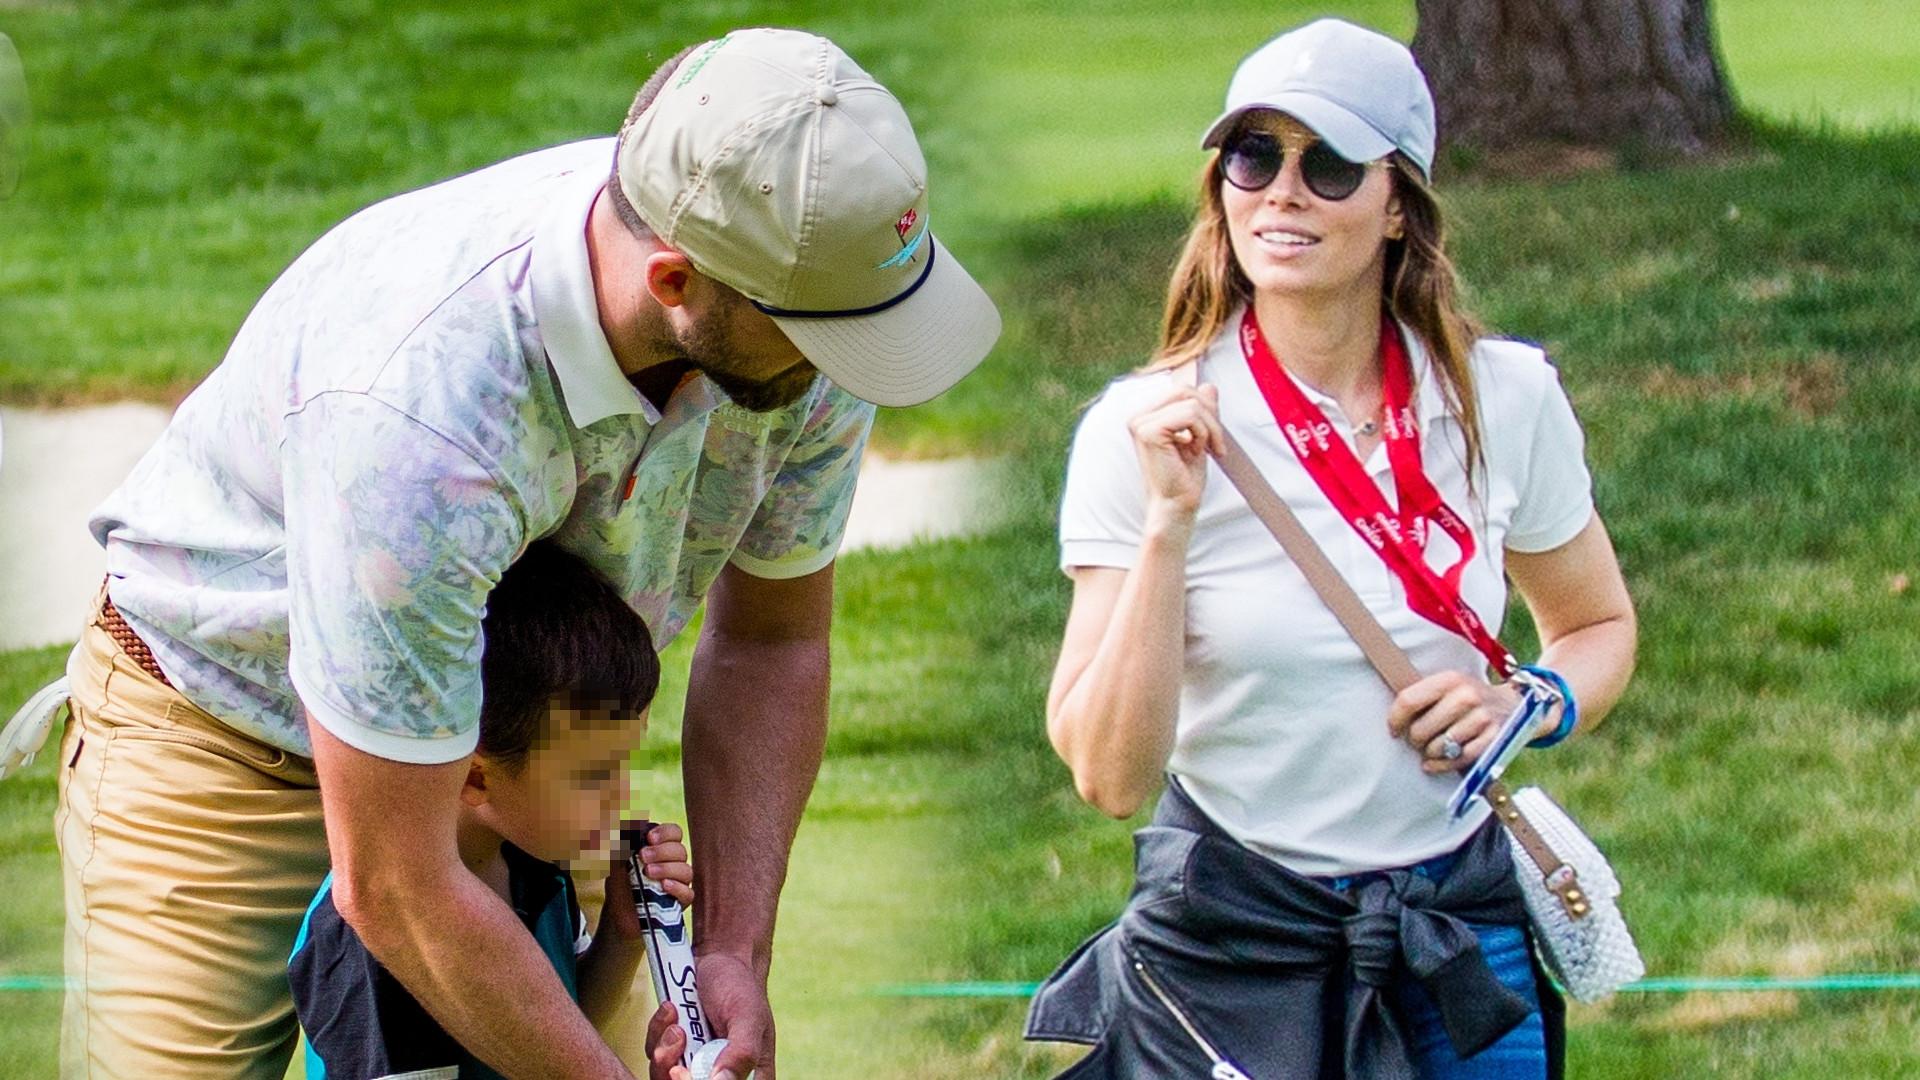 Justina Timberlake uczy synka grać w golfa (ZDJĘCIA)